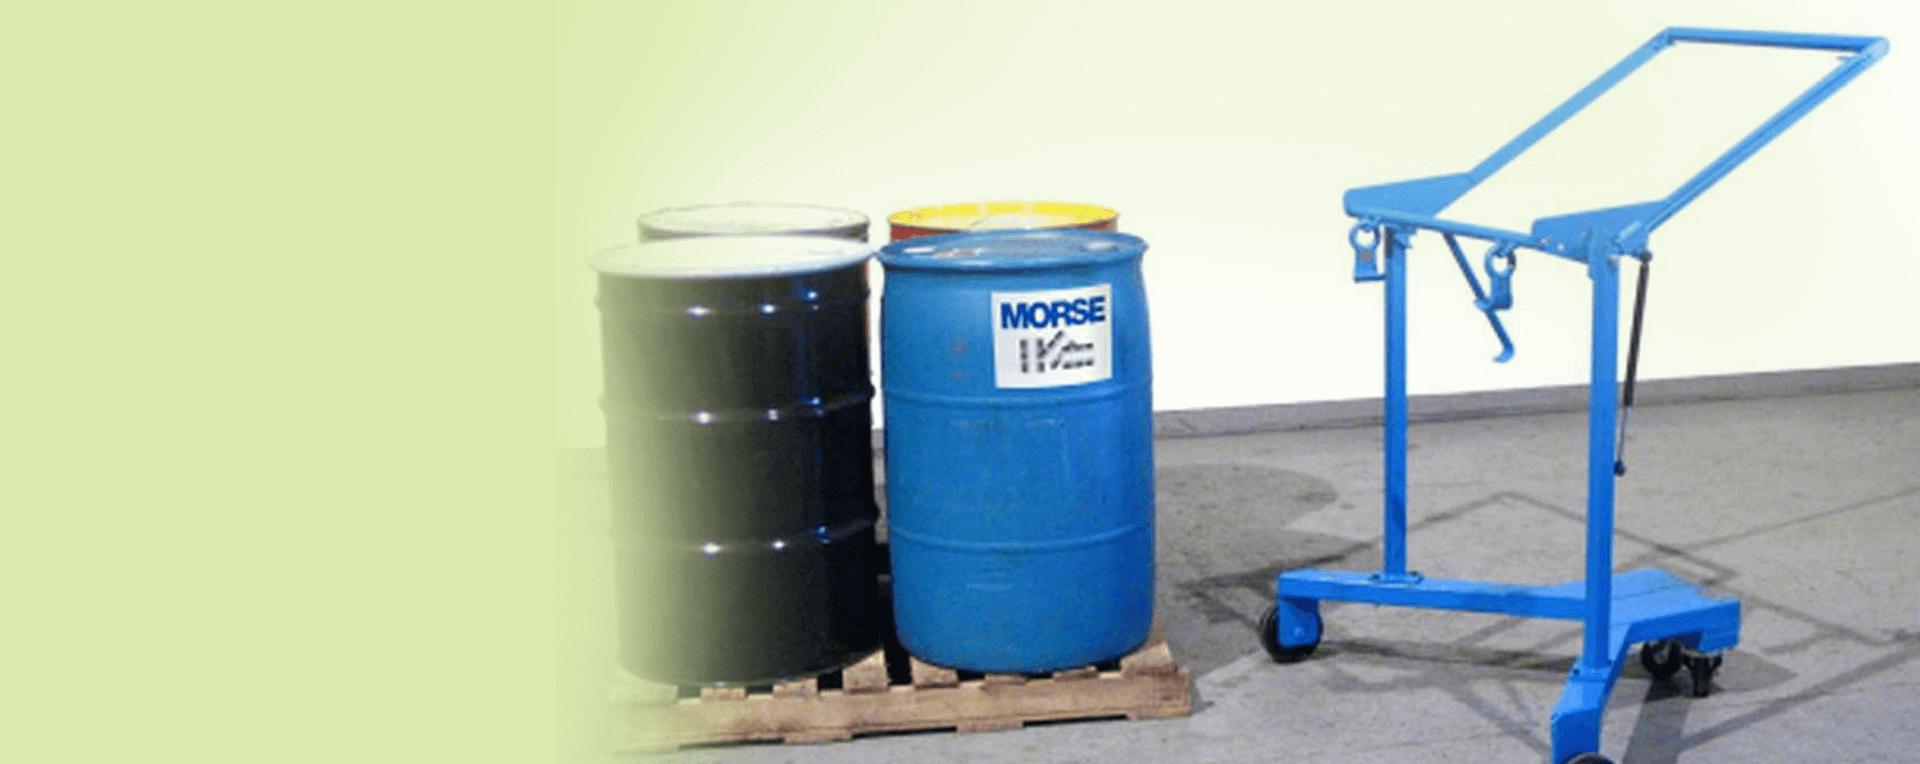 Drum Handling Equipment | Drum lifting | Drum tilting UAE